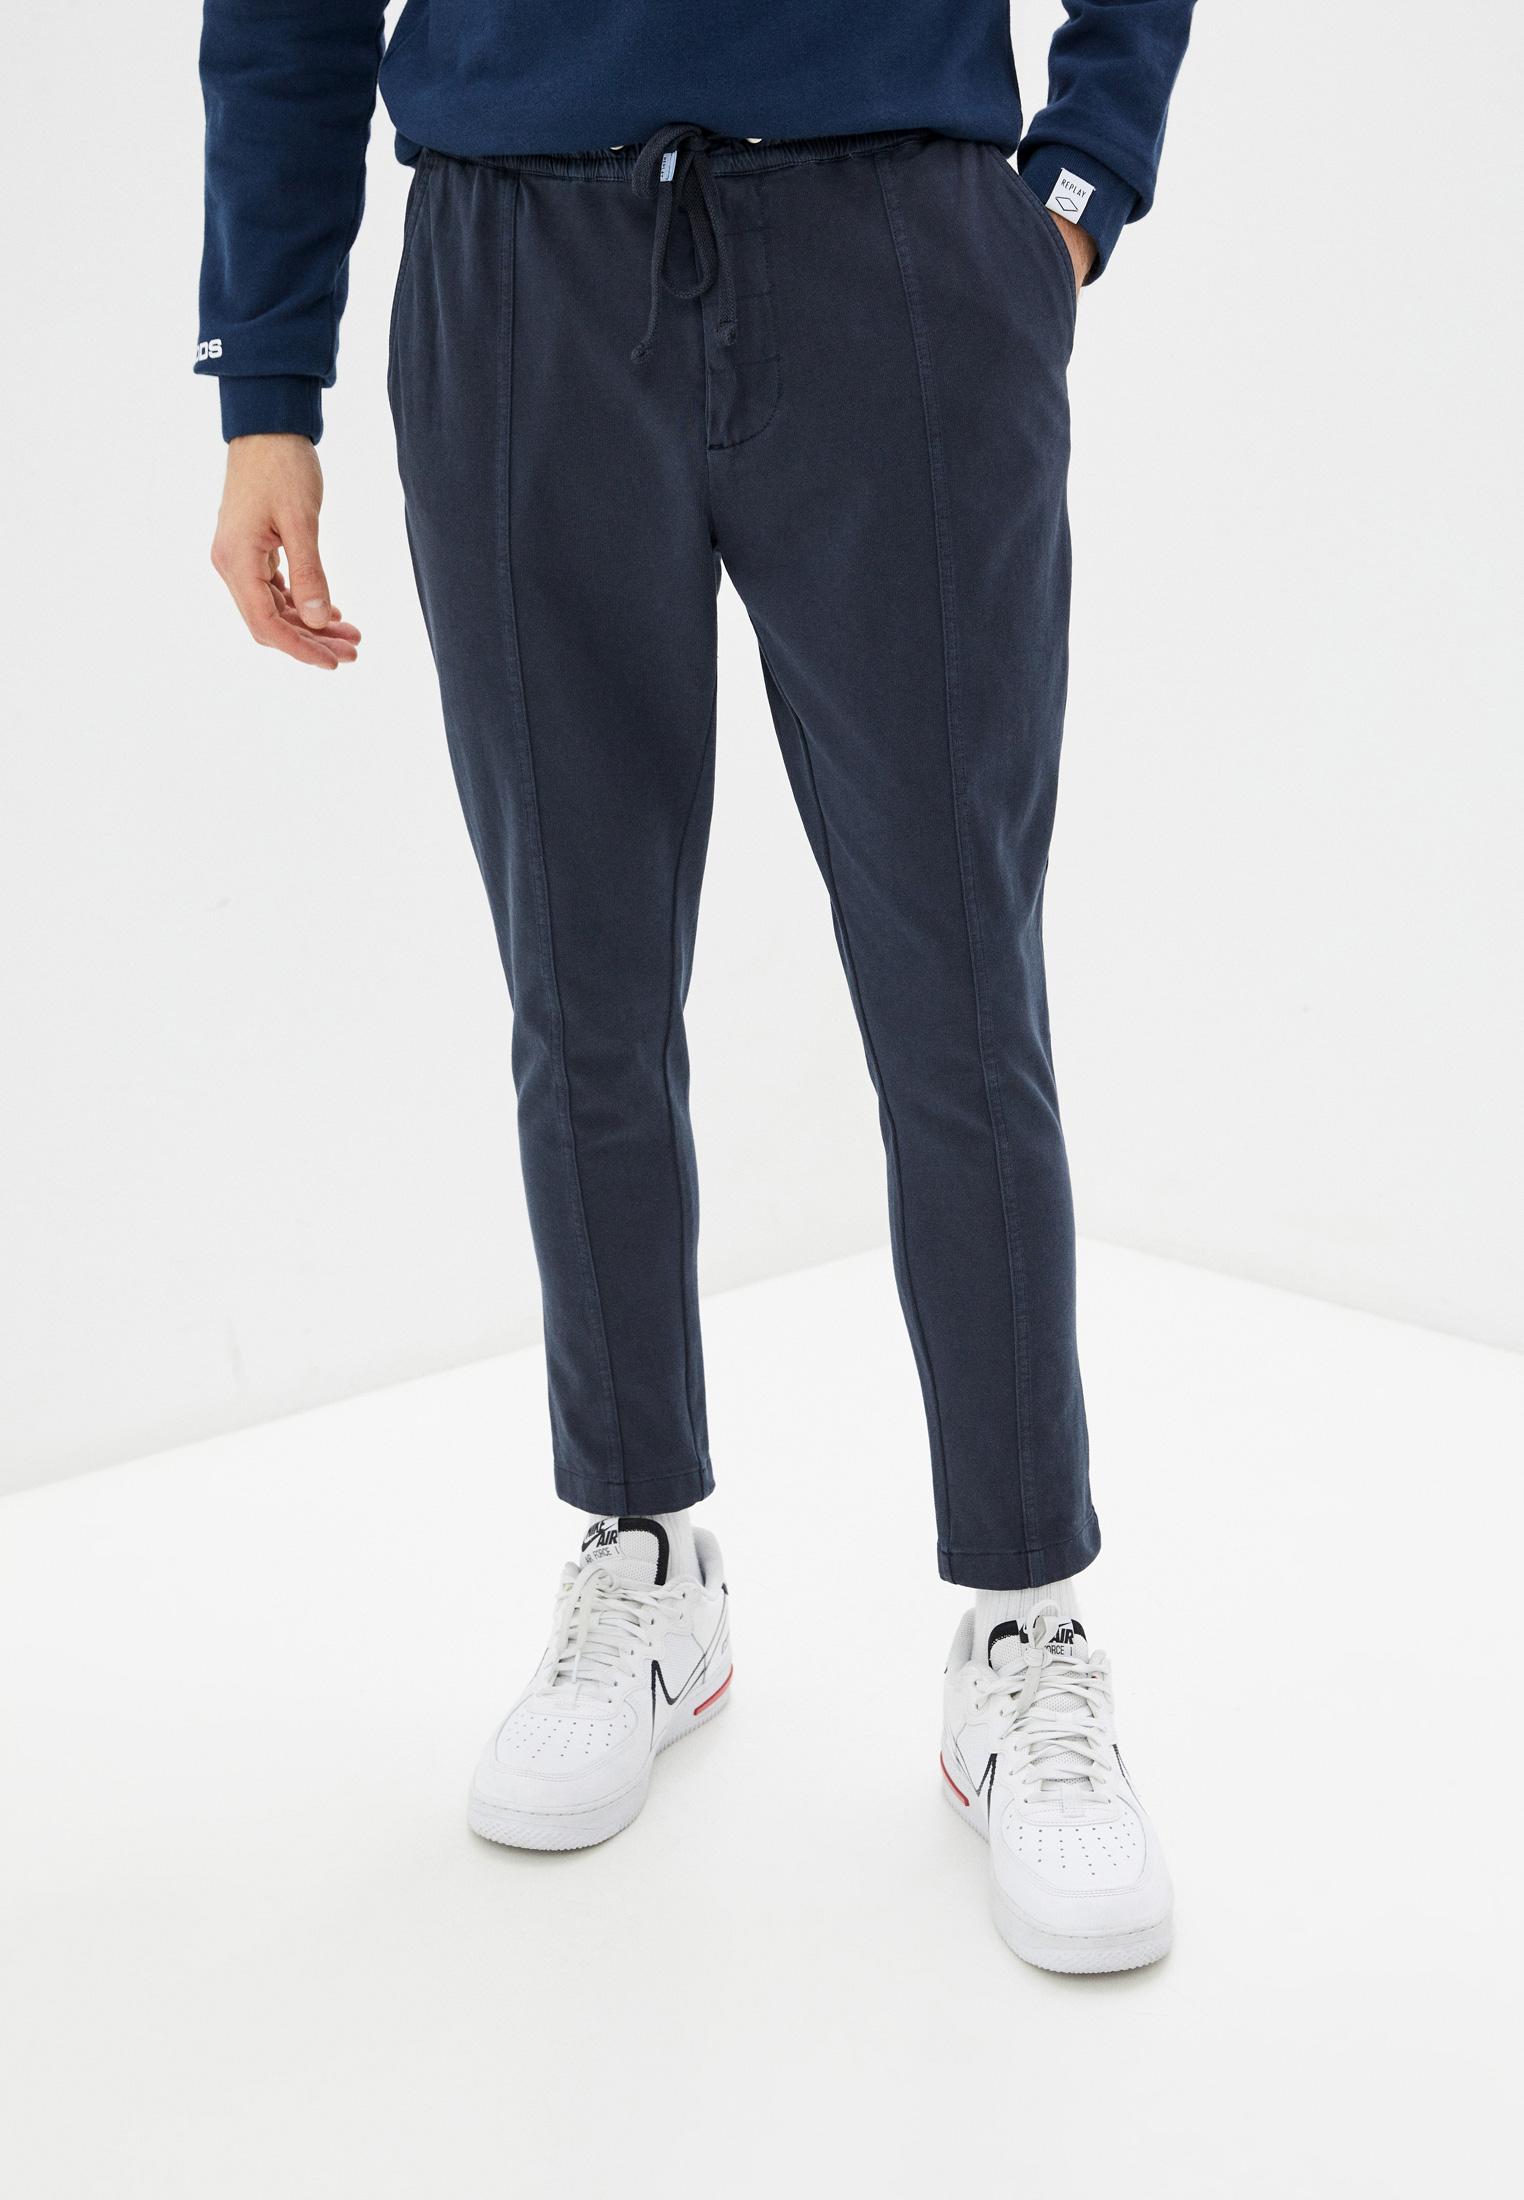 Мужские повседневные брюки Replay (Реплей) M9752.000.23102G